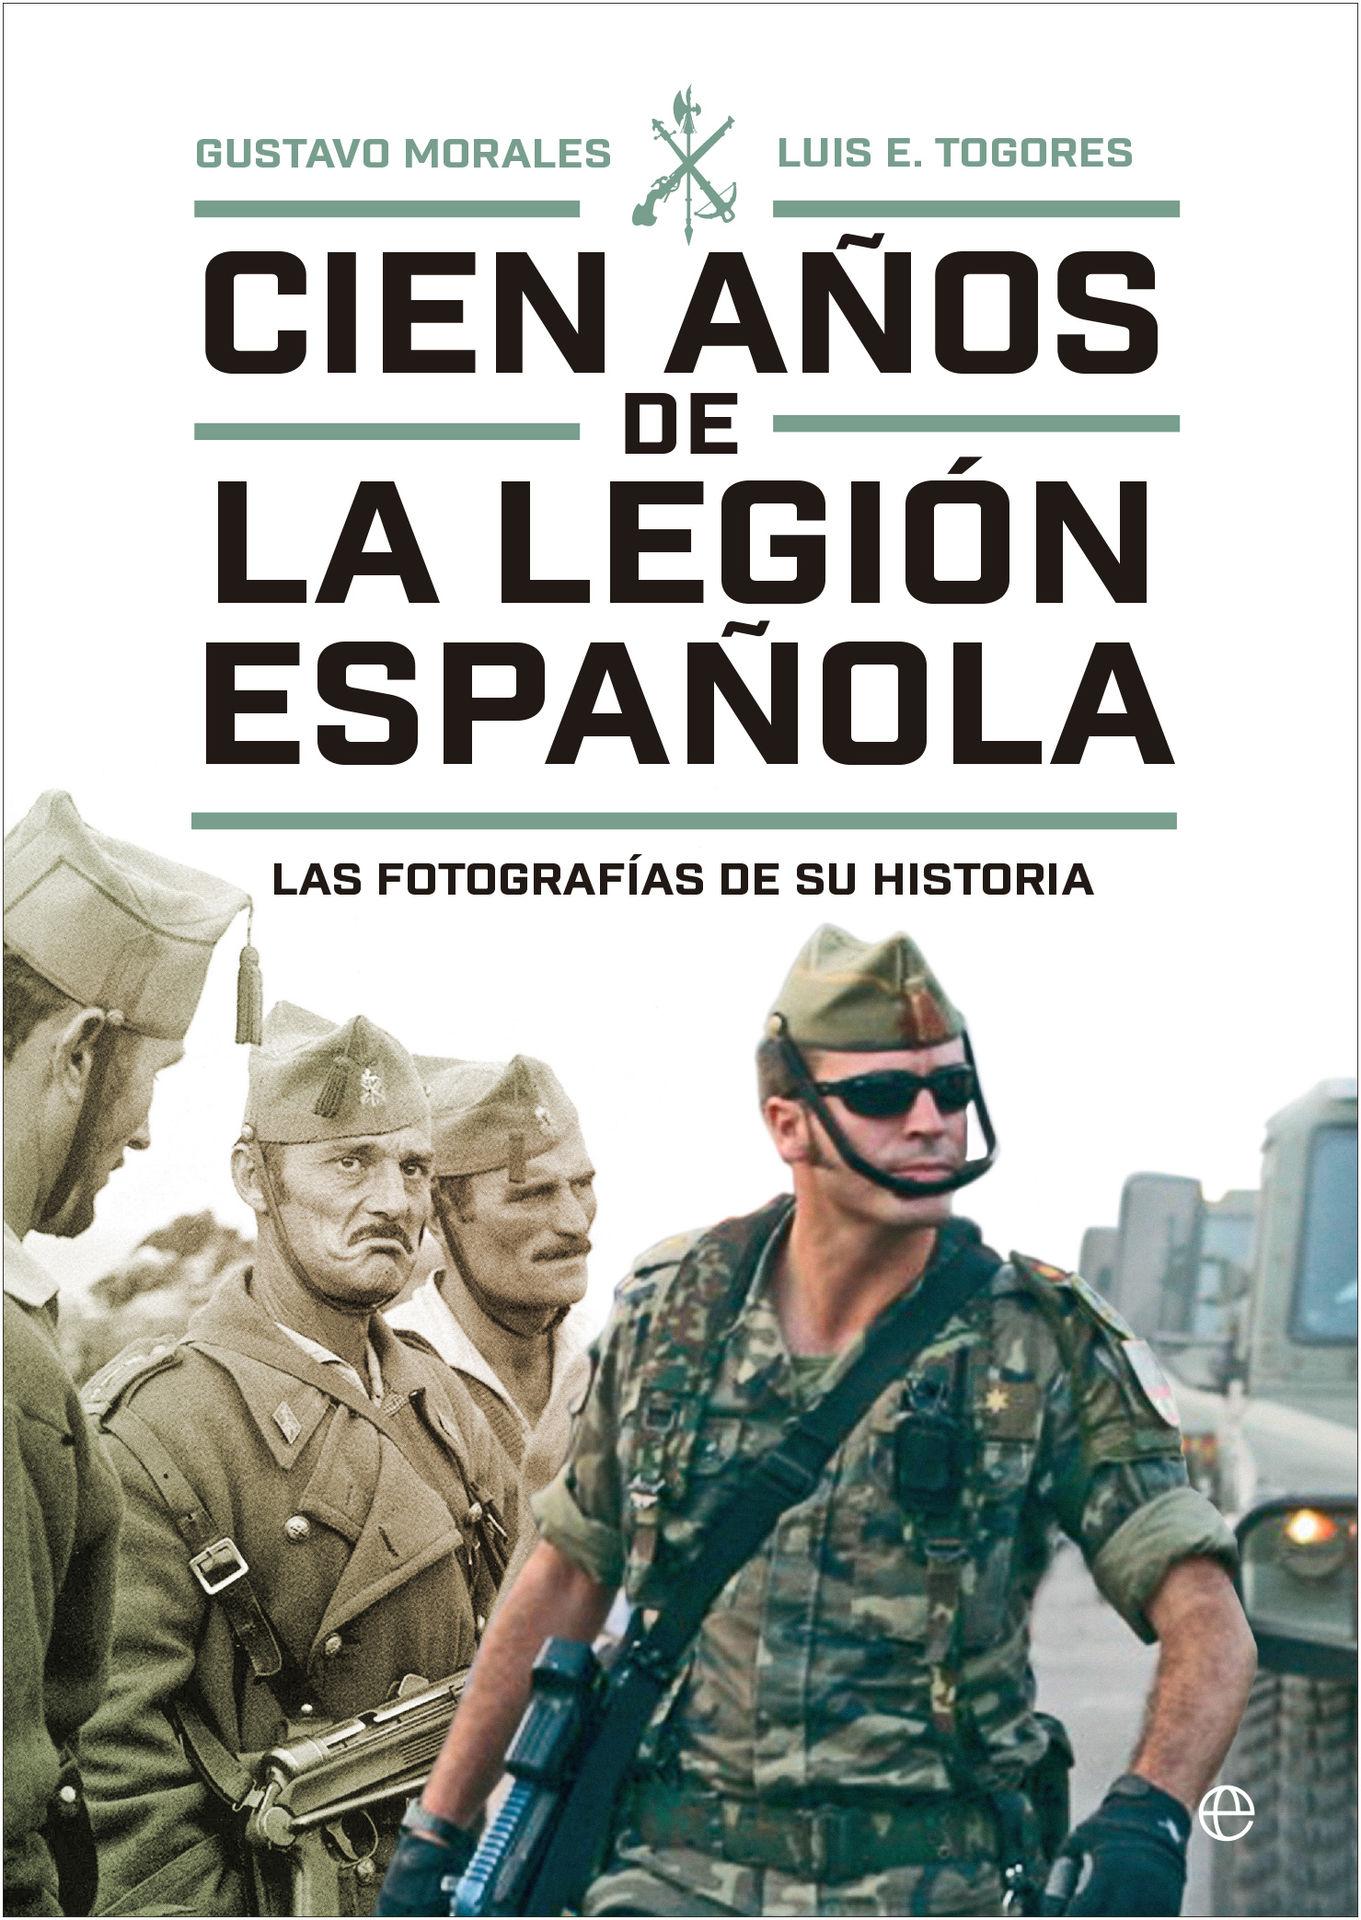 portadaokcien-anos-de-la-legion-espanola-3.jpg